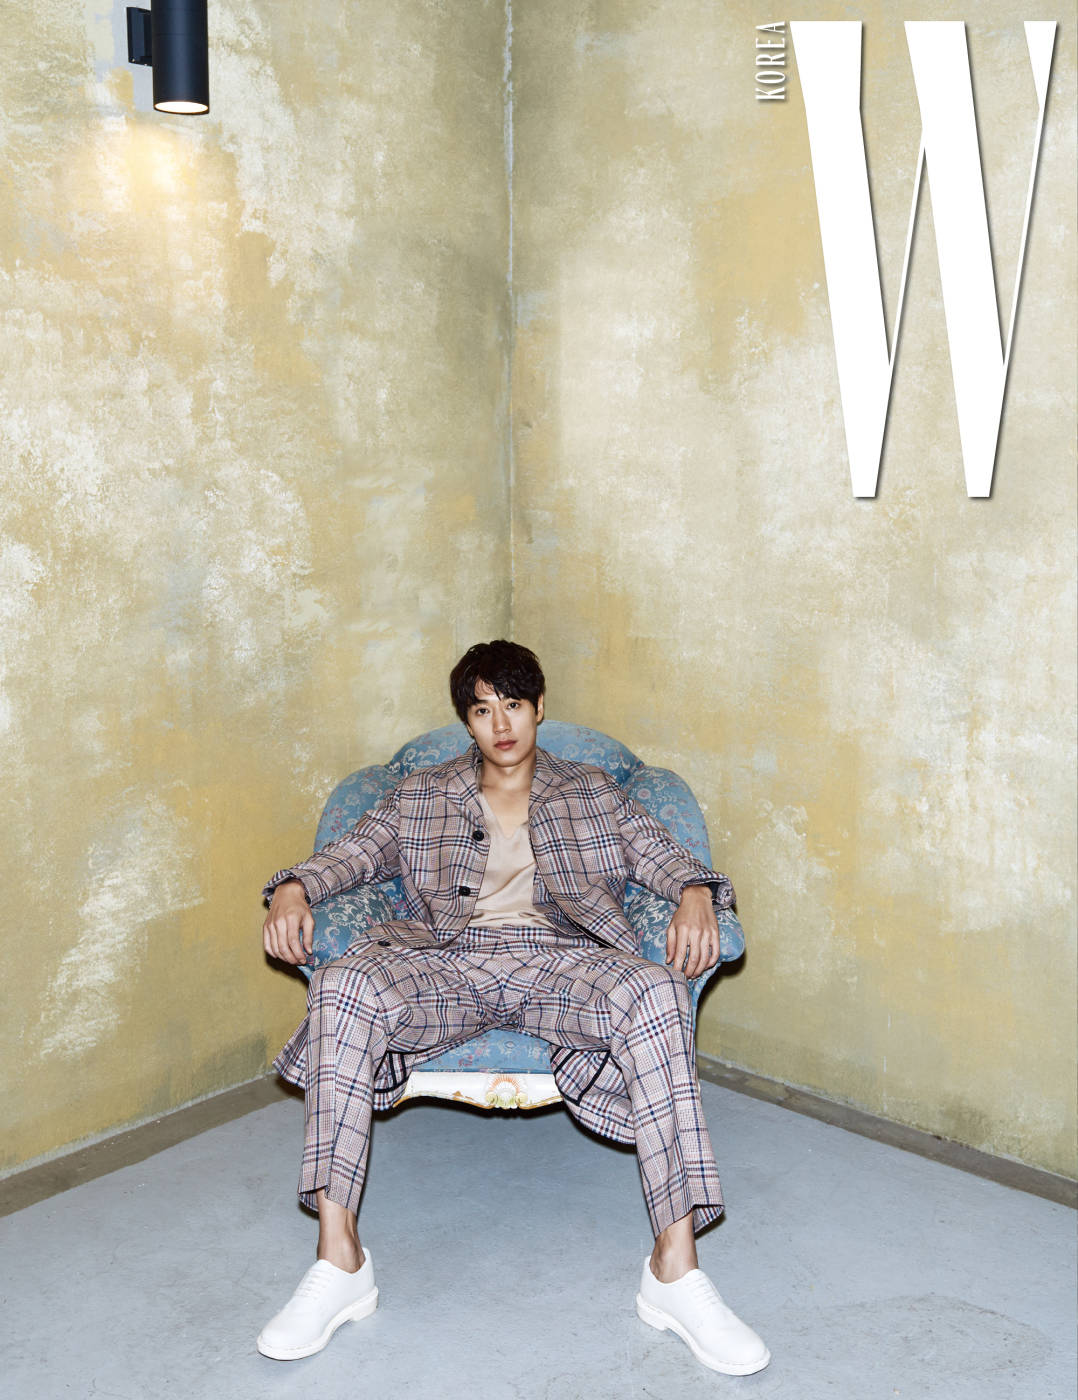 촘촘한 체크 패턴 코트와 재킷, 팬츠는 모두 Ami by 10 Corso Como, 실크 소재의 브이넥 슬리브리스는 Kimseoryong, 흰색 슈즈는 Valentino 제품.